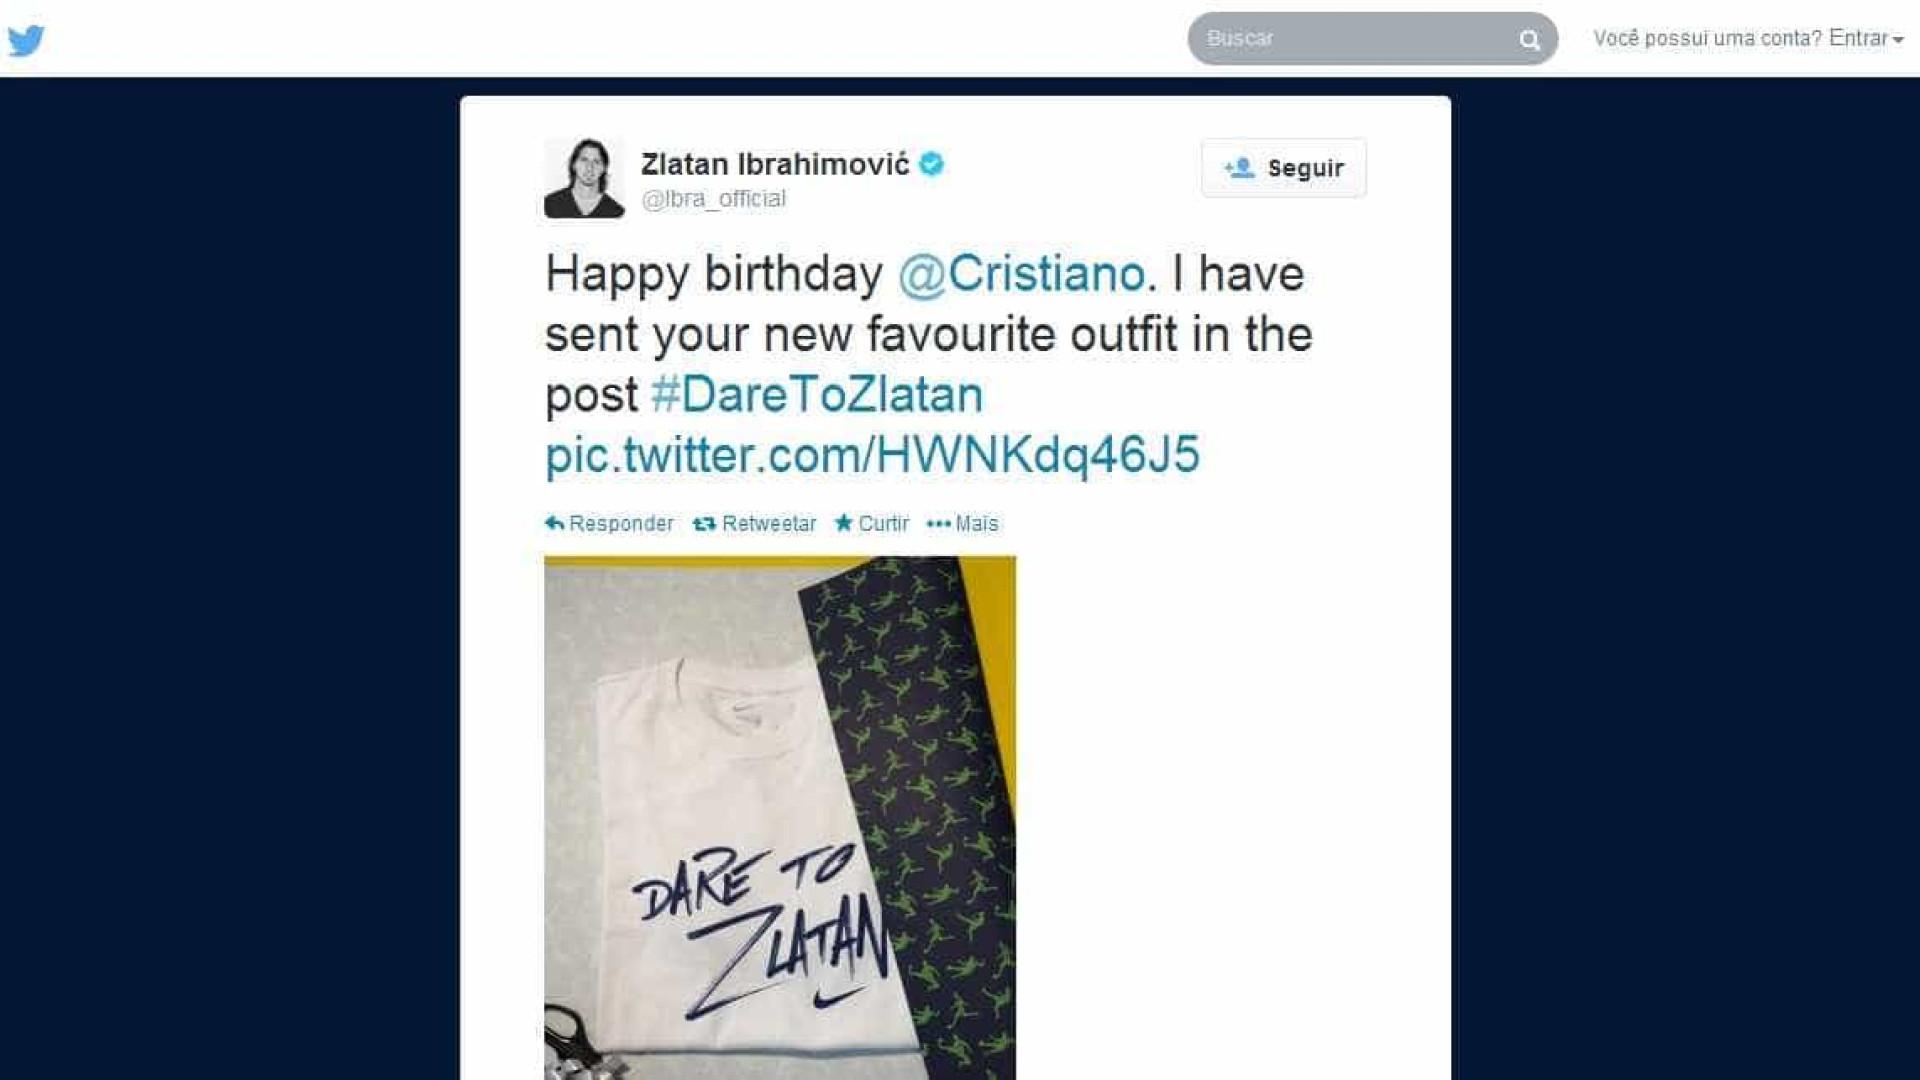 Eis O Mais Novo Capítulo Da Parceria Entre Nike E Cristiano